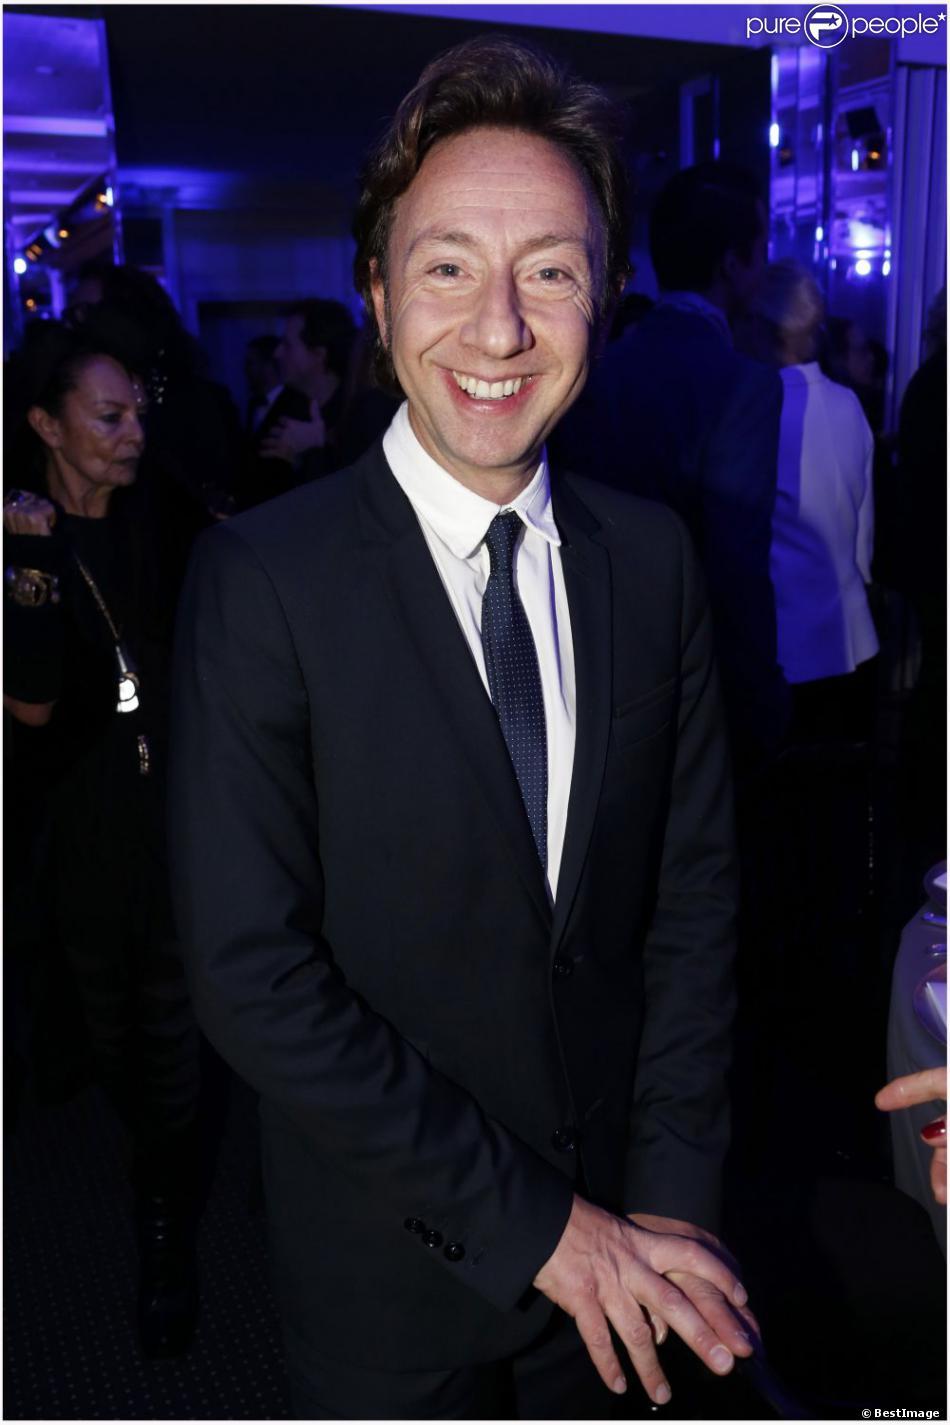 Stéphane Bern au dîner de la mode pour le Sidaction au Pavillon d'Armenonville à Paris, le 24 janvier 2013